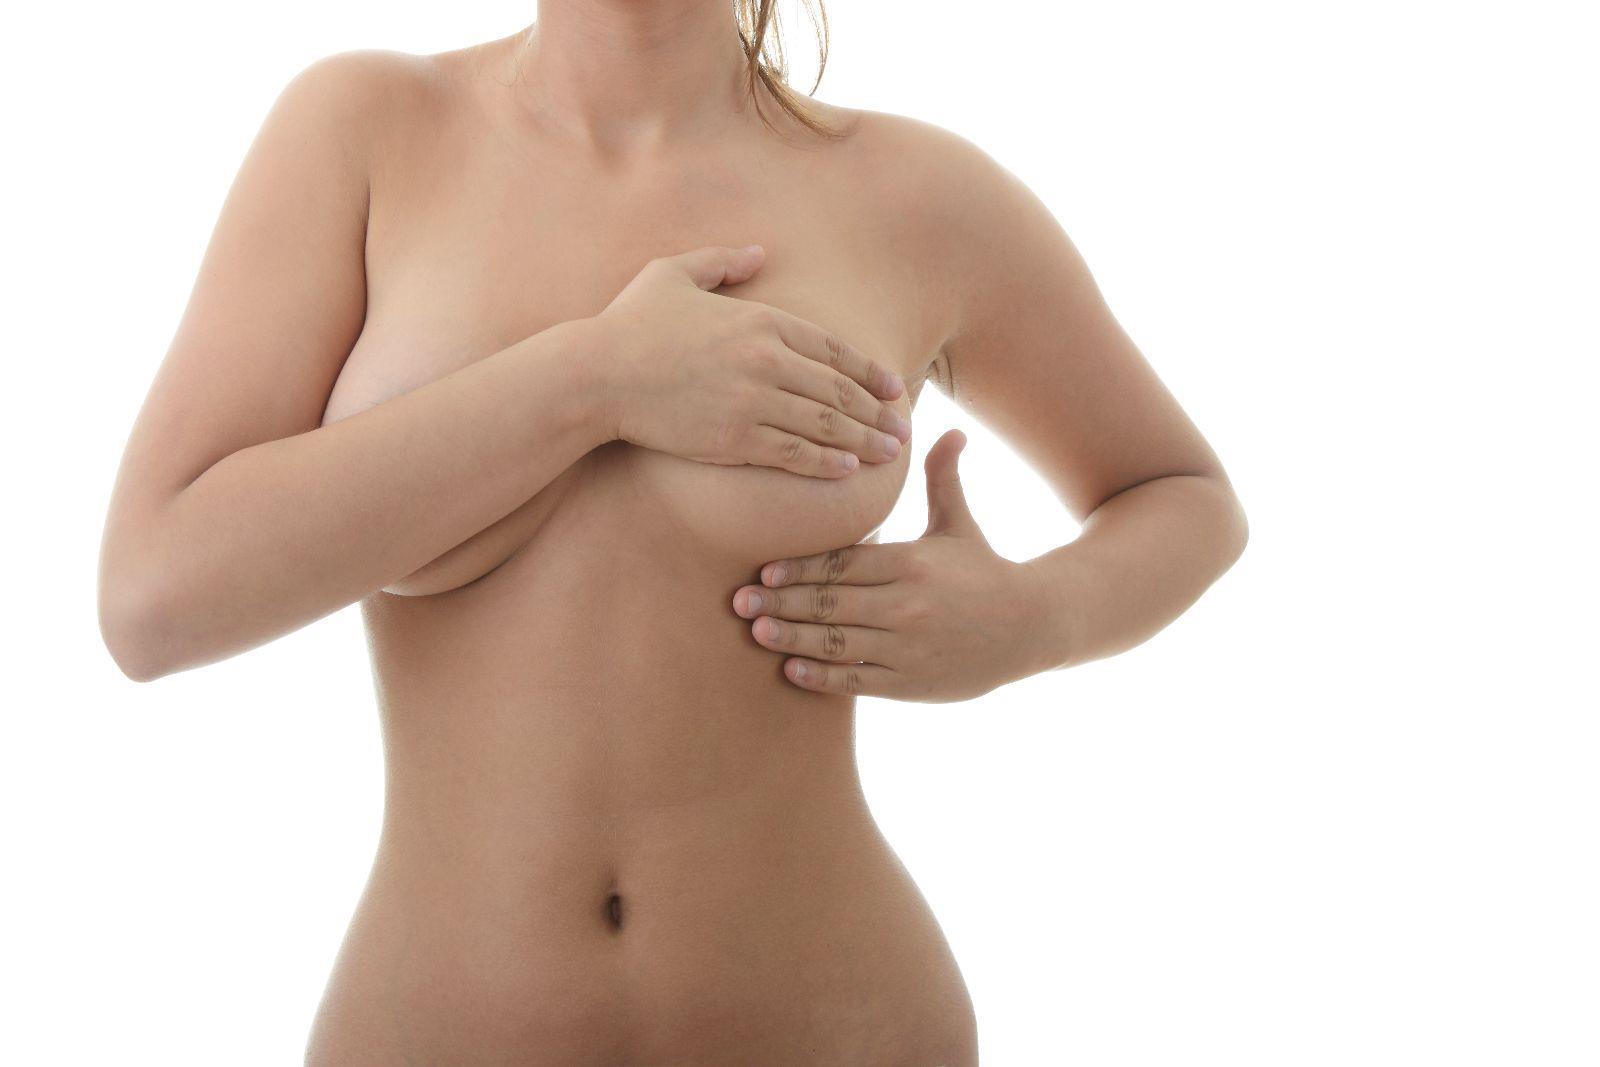 Фото здоровой груди и сосков 3 фотография